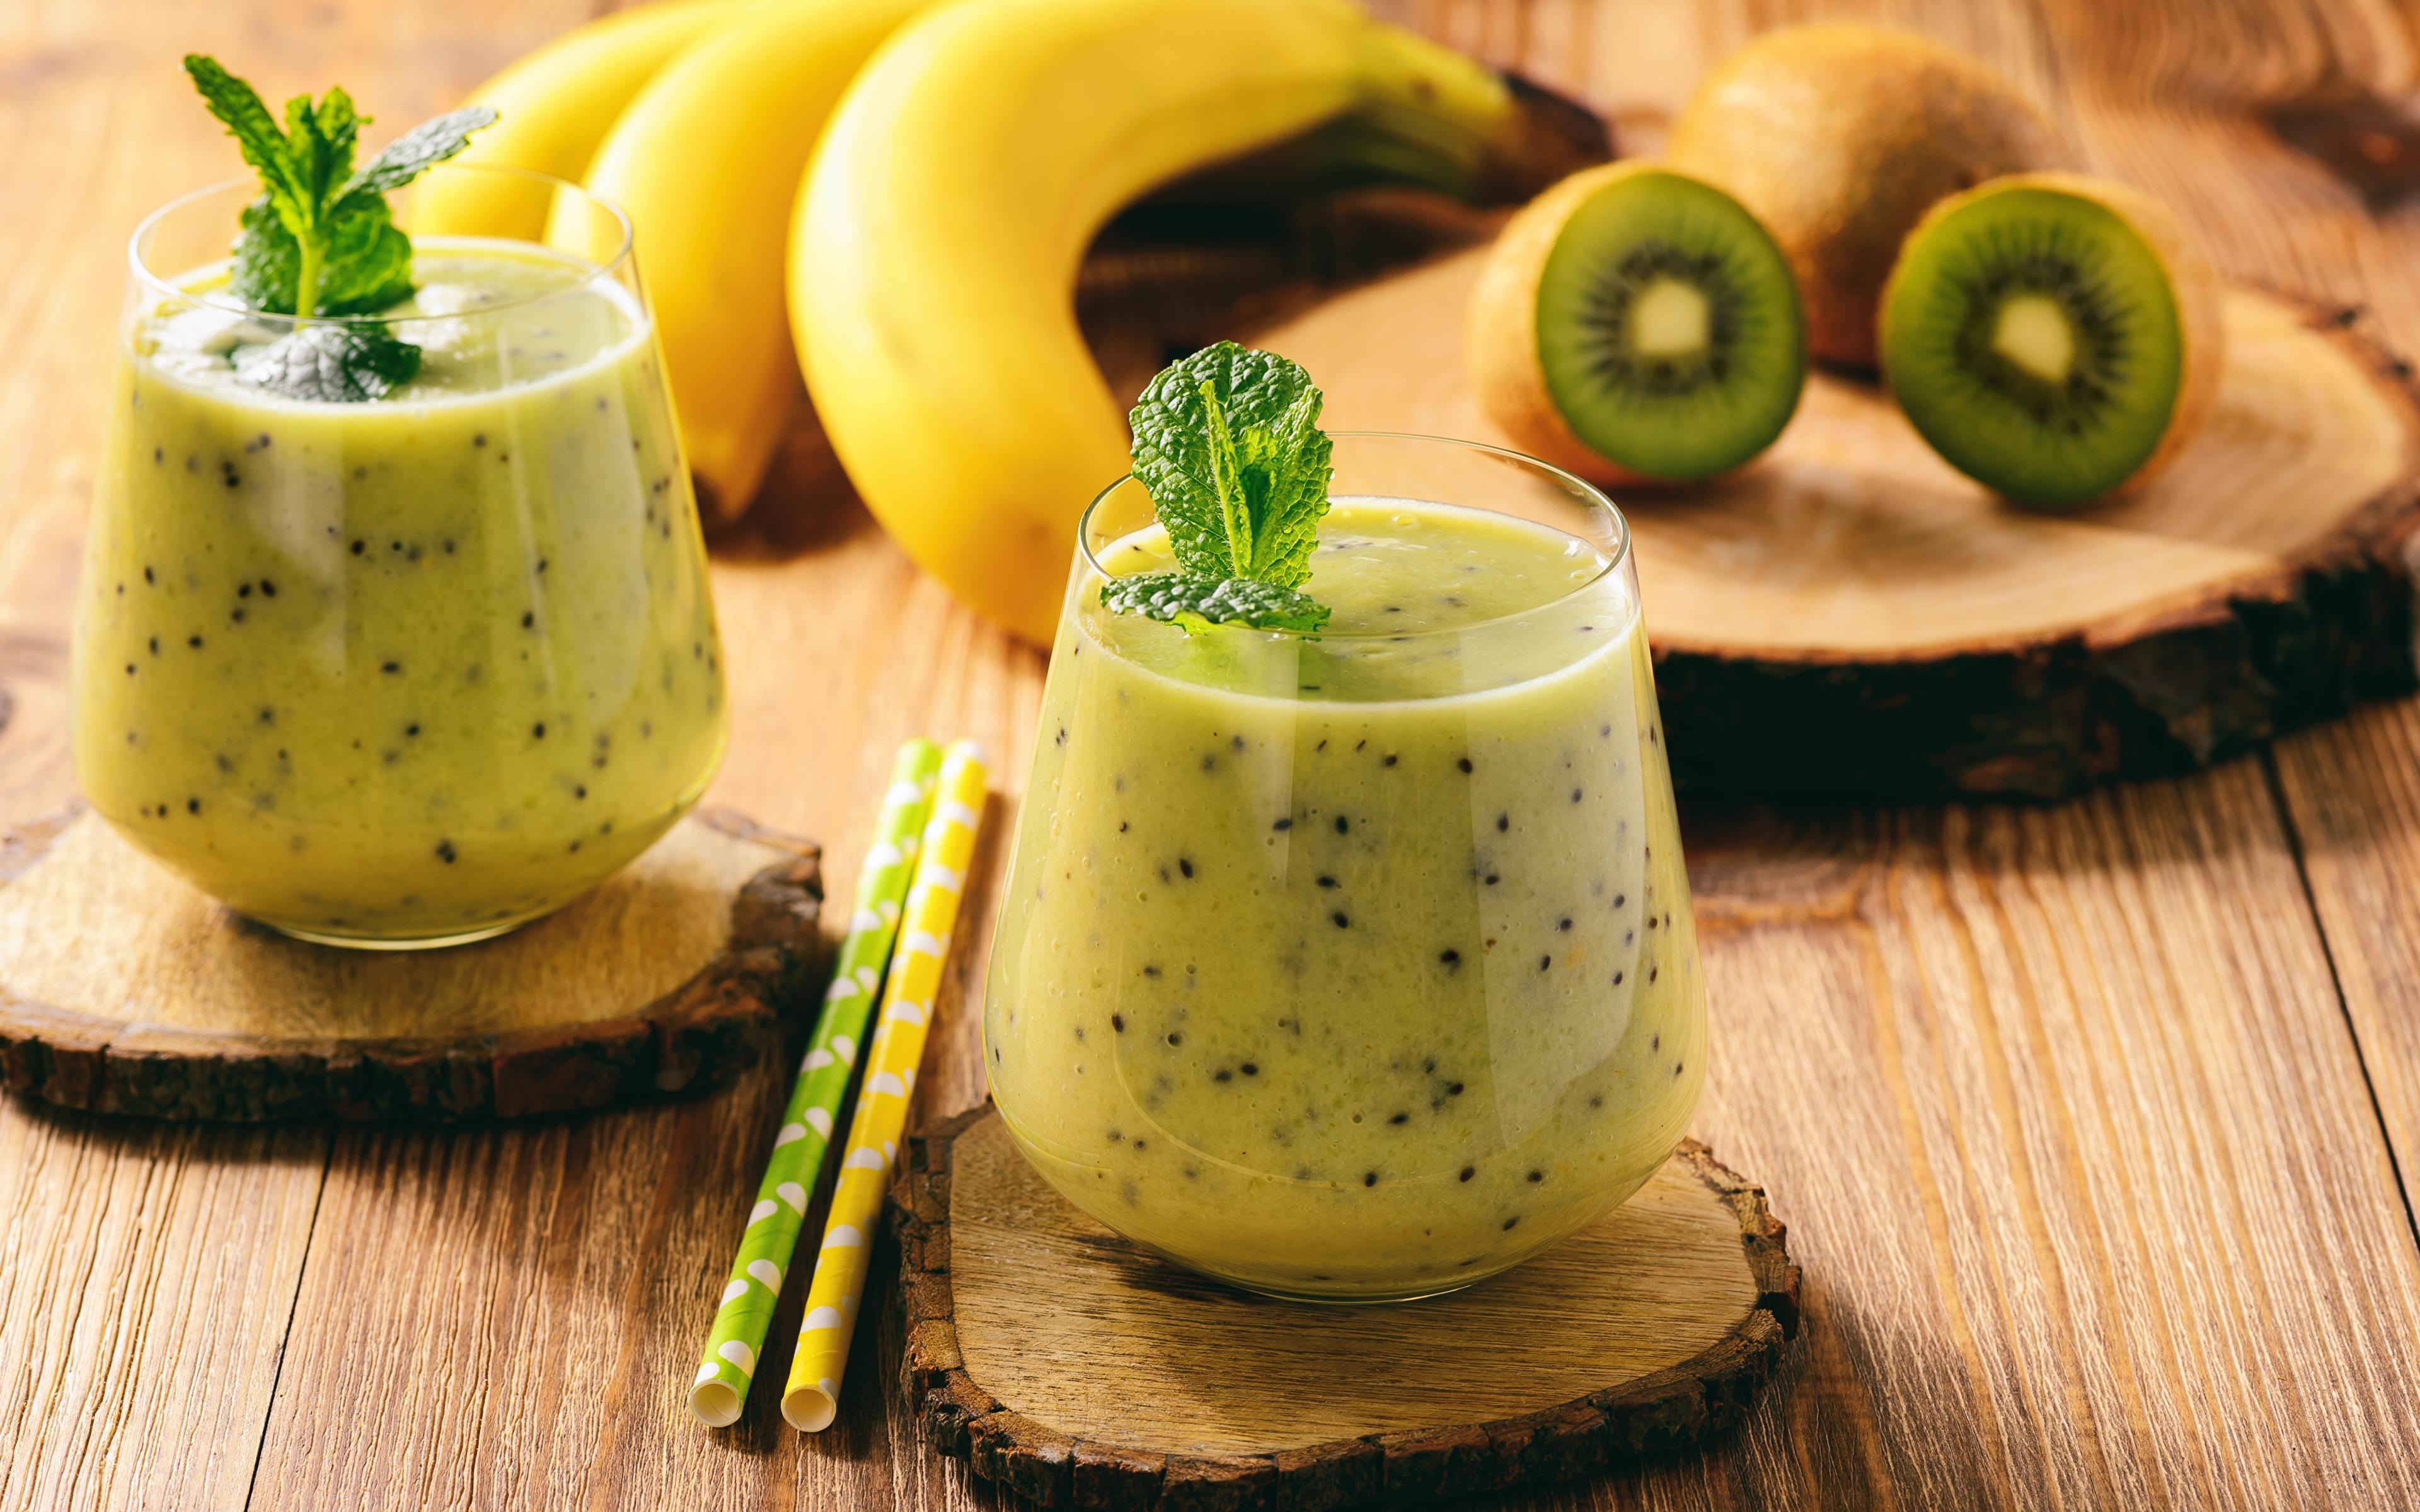 Фотография вдвоем Киви Бананы стакана Еда Коктейль Доски 3840x2400 2 два две Двое Стакан стакане Пища Продукты питания